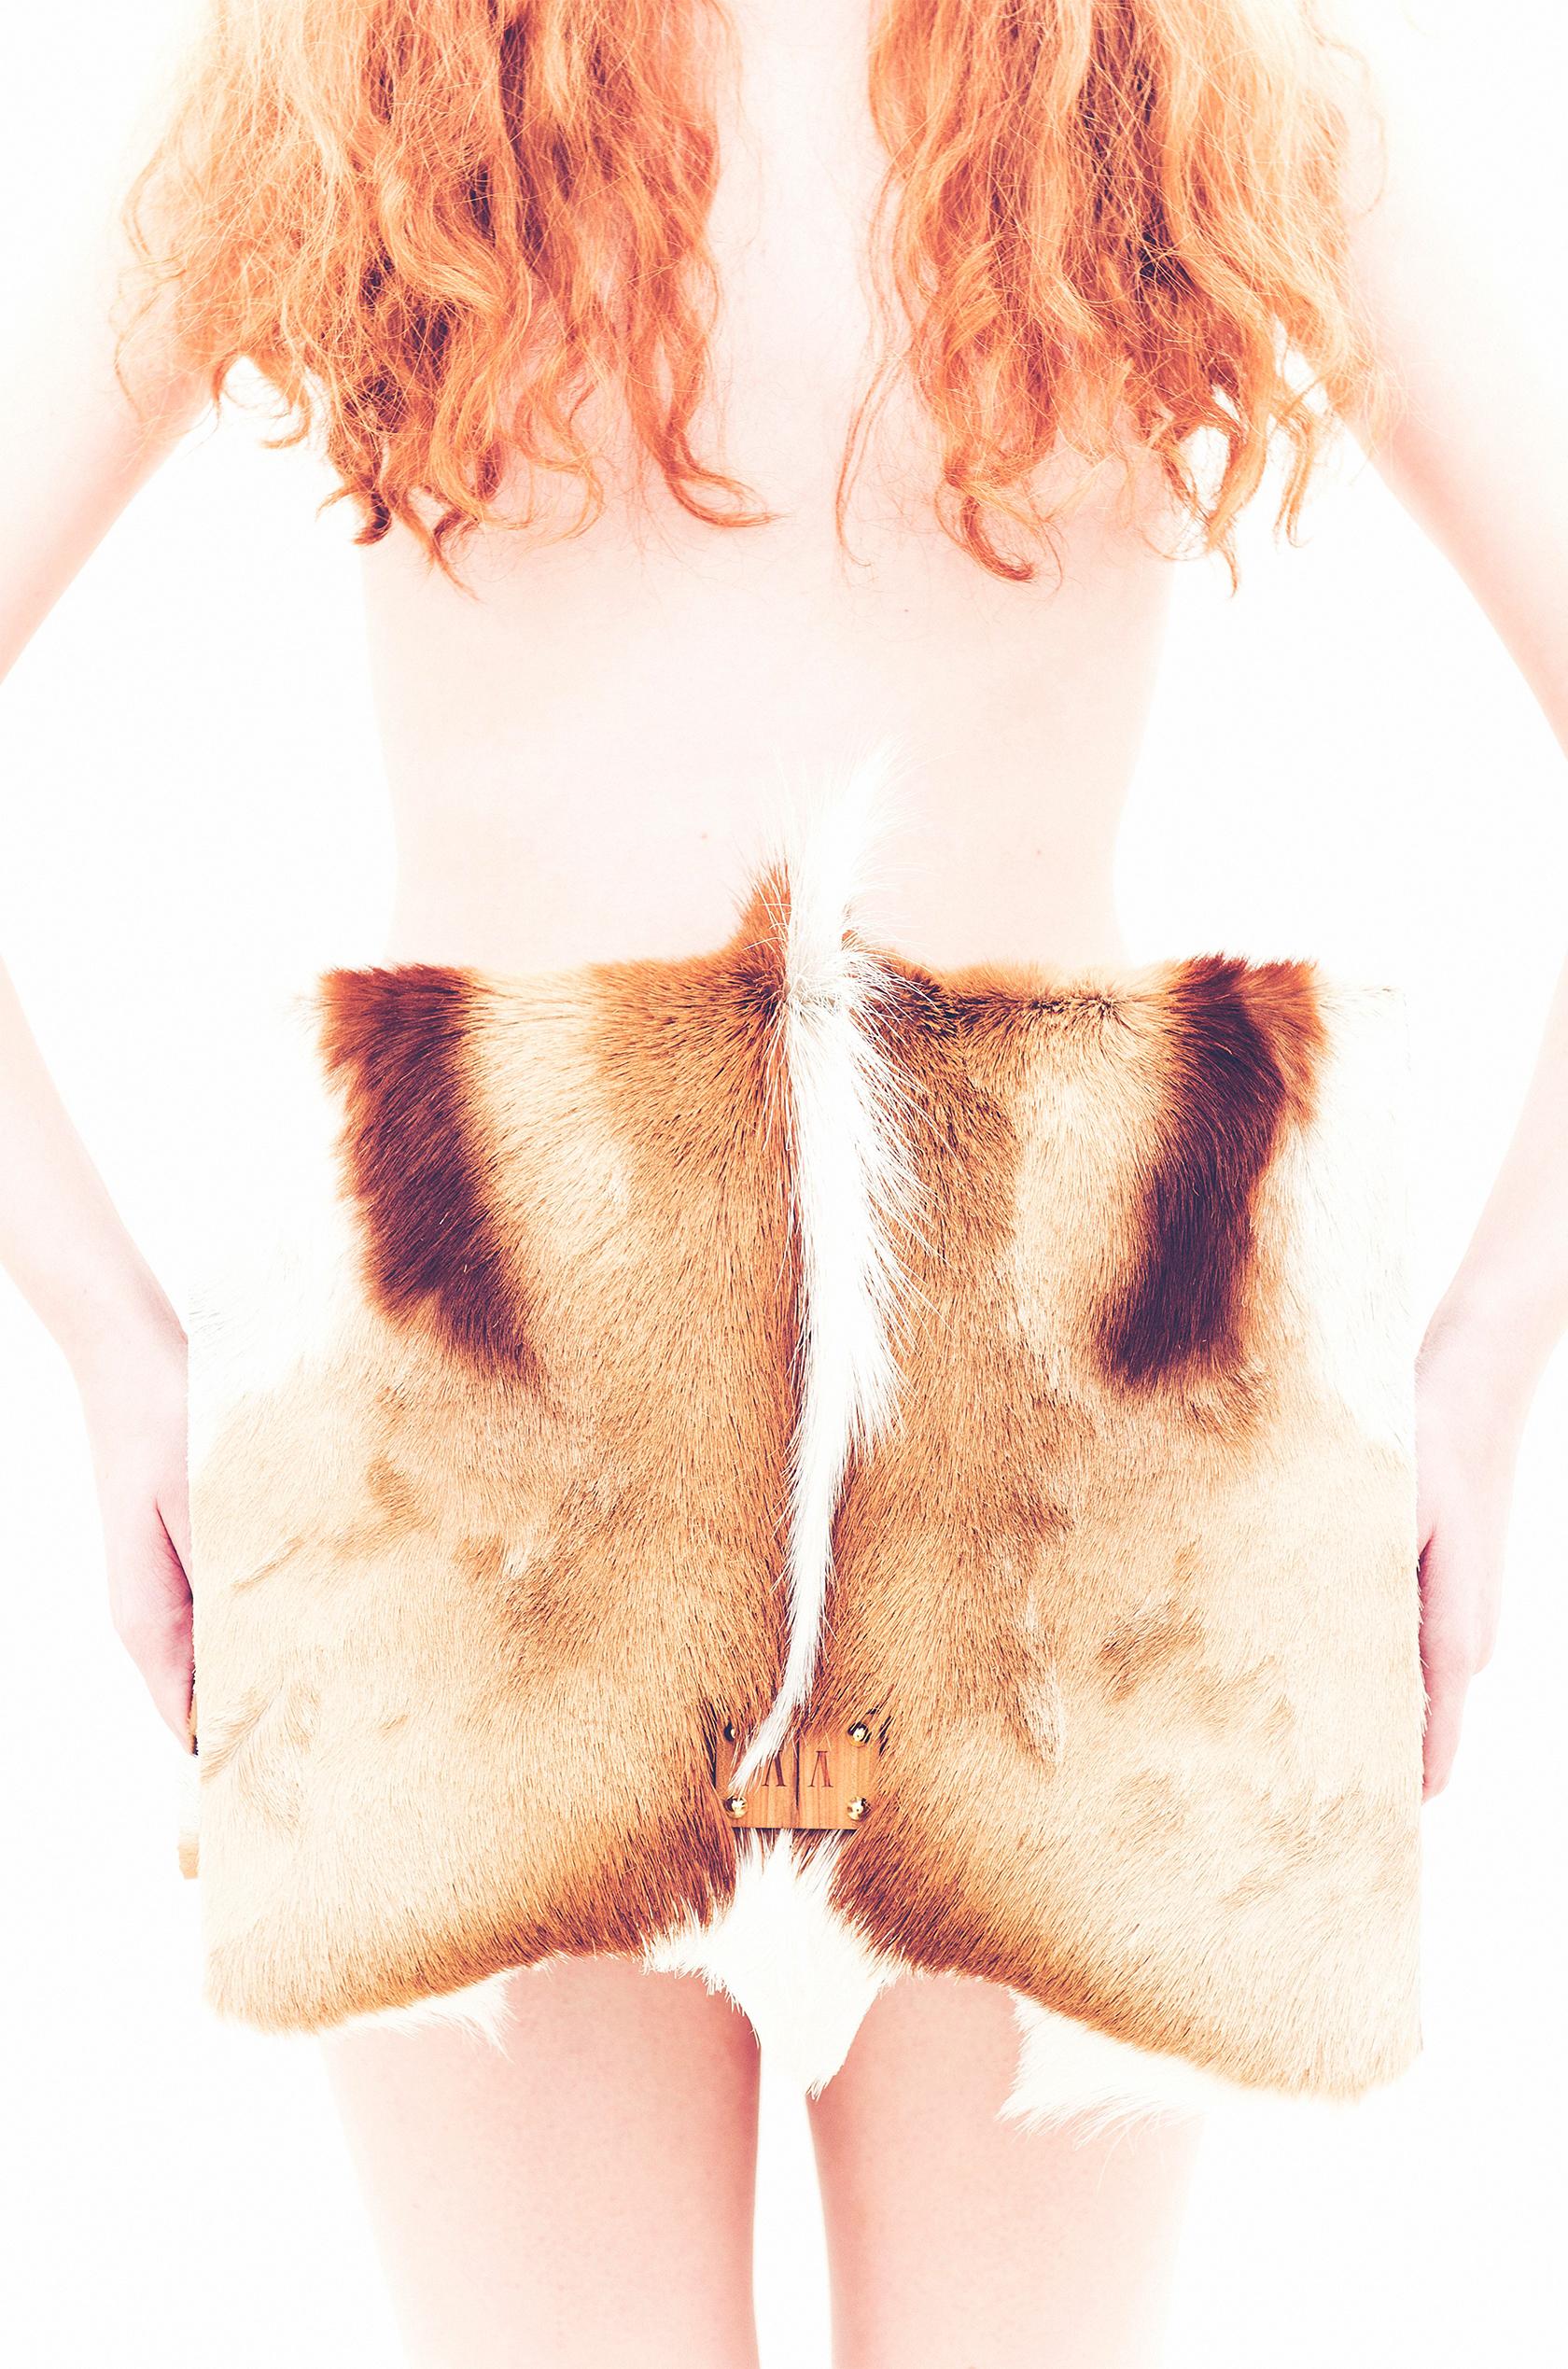 Anna Amélie | Az Anna Amélie márka f?ként a n?kre koncentrál, de a férfiak számára is kínál nemes anyagokból készült táskákat és kiegészít?ket.